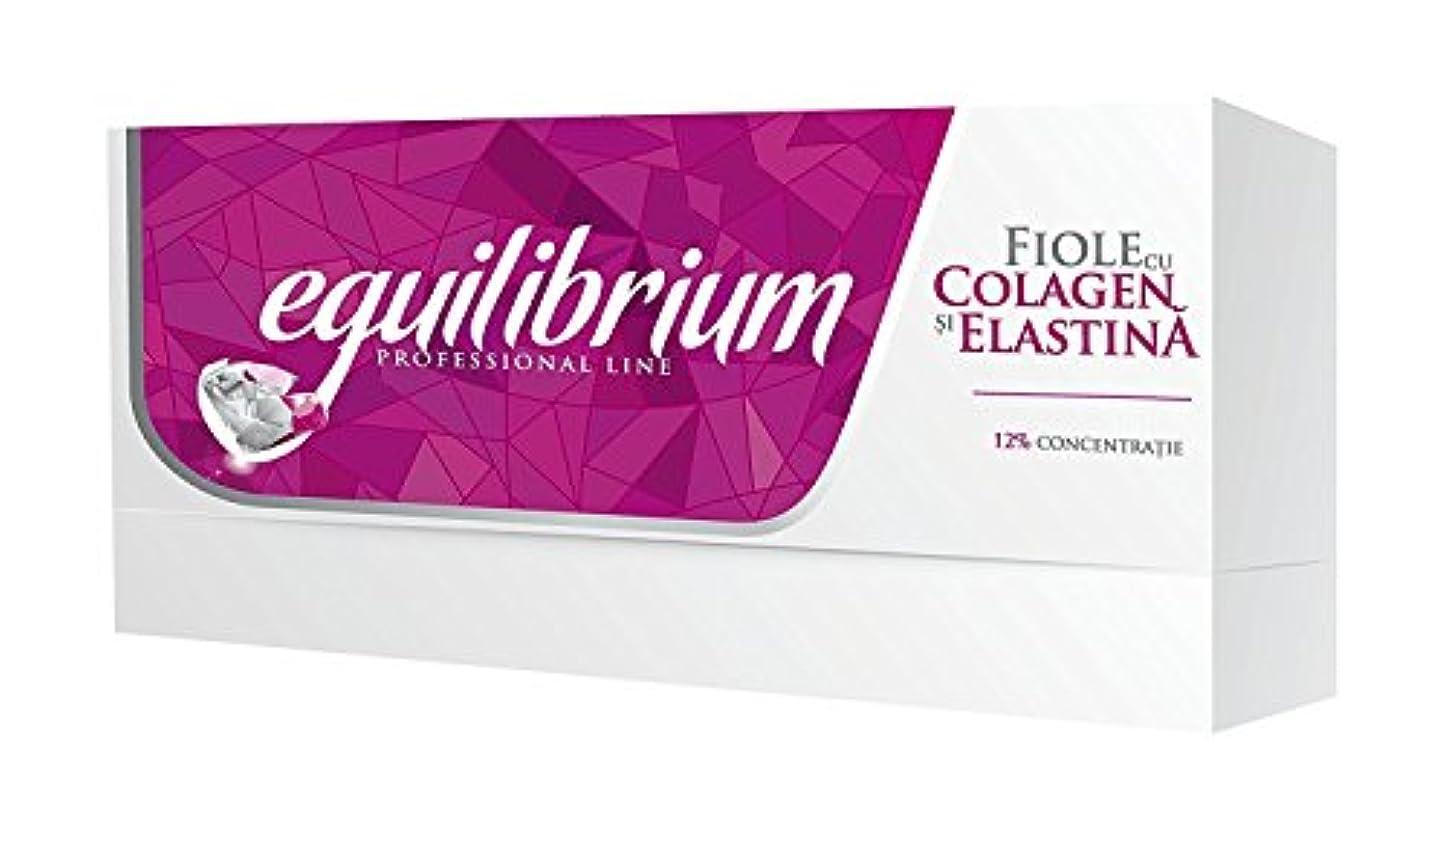 告白定義平野ジェロビタール H3 エクリブリウムプロフェッショナル コラーゲン&エラスチン バイヤル(12%濃縮) [海外直送]